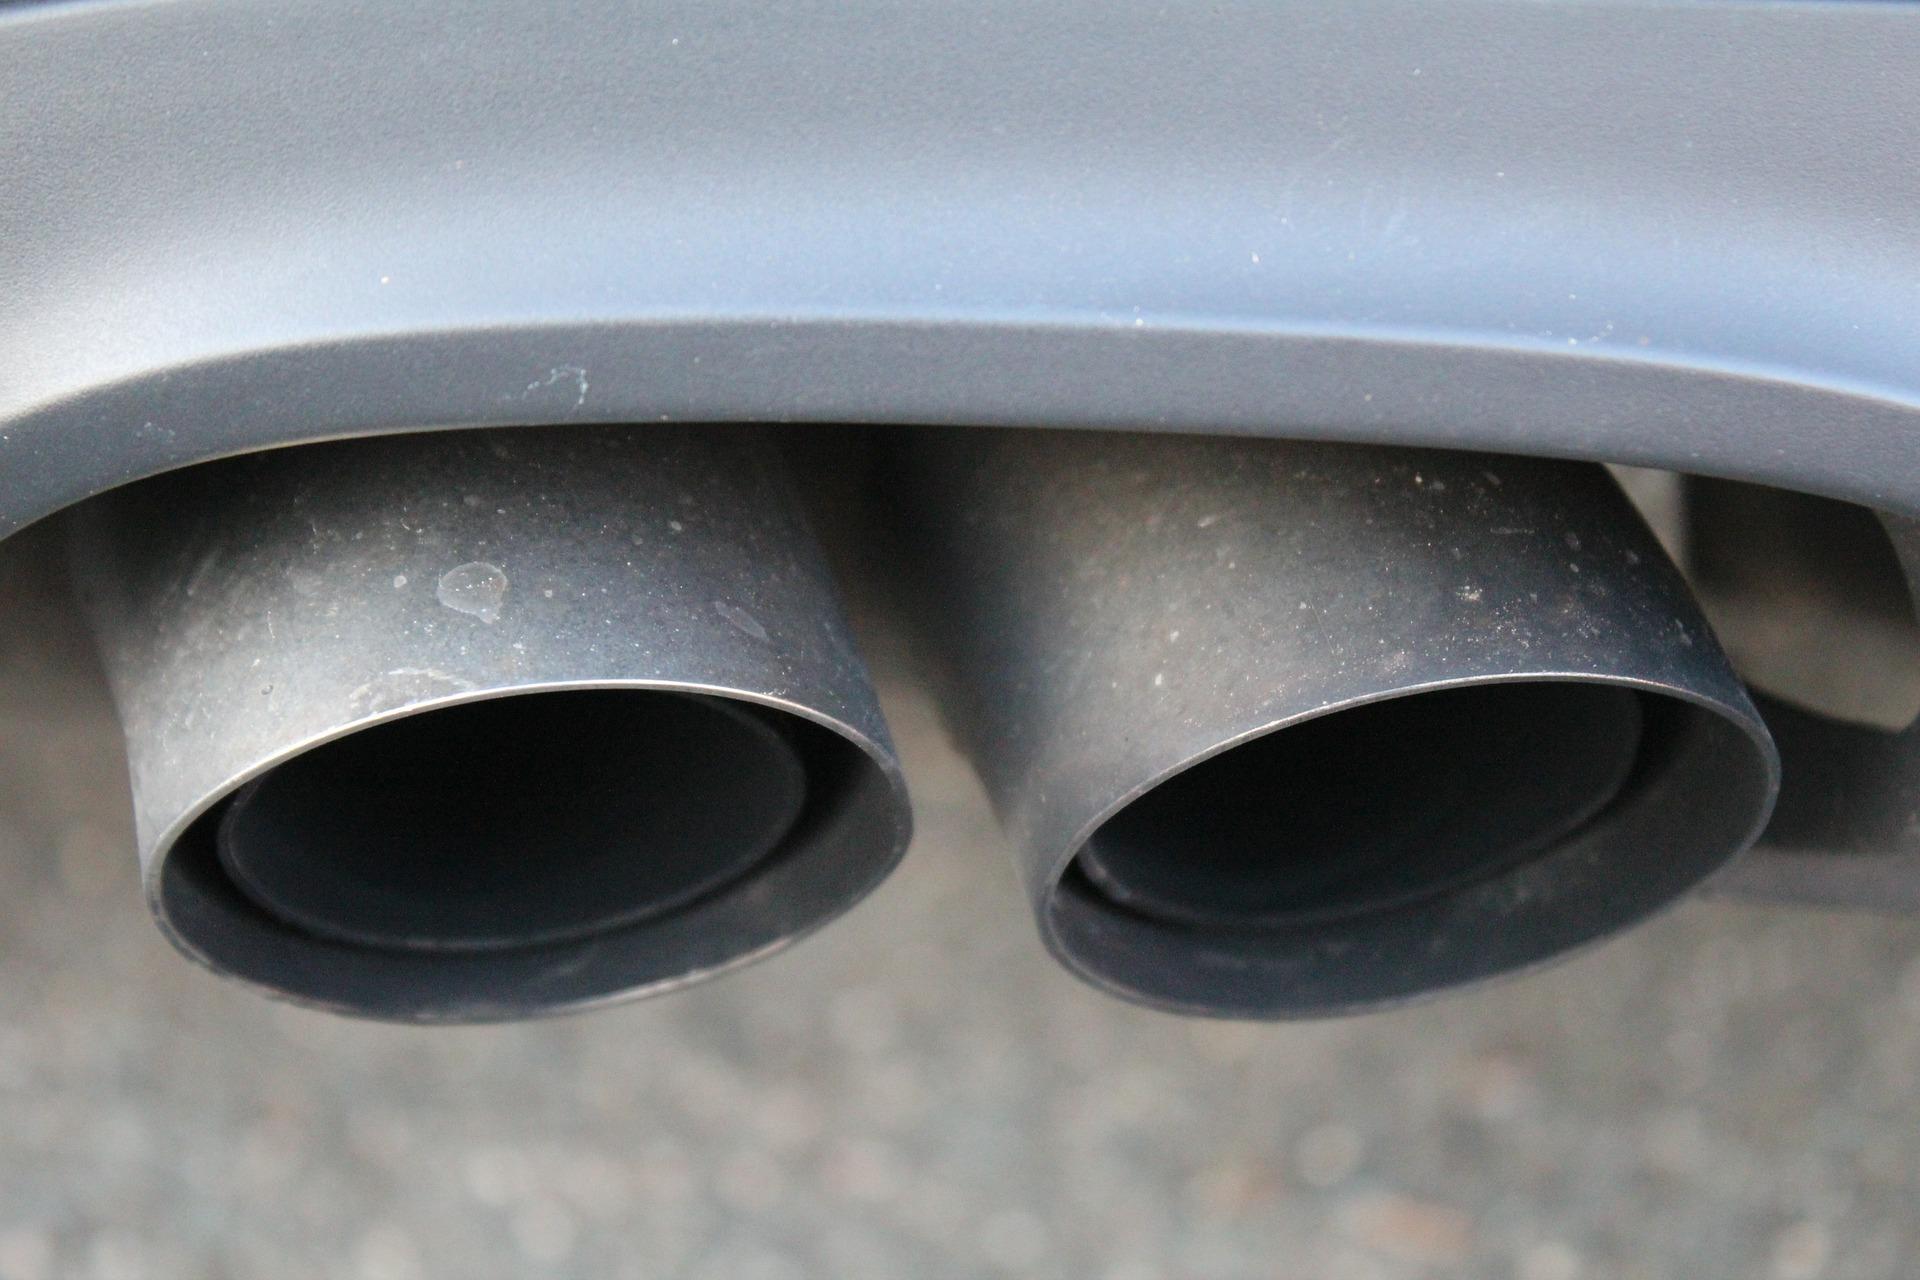 VW Abgasskandal 2.0, EA288, SEAT Ibiza